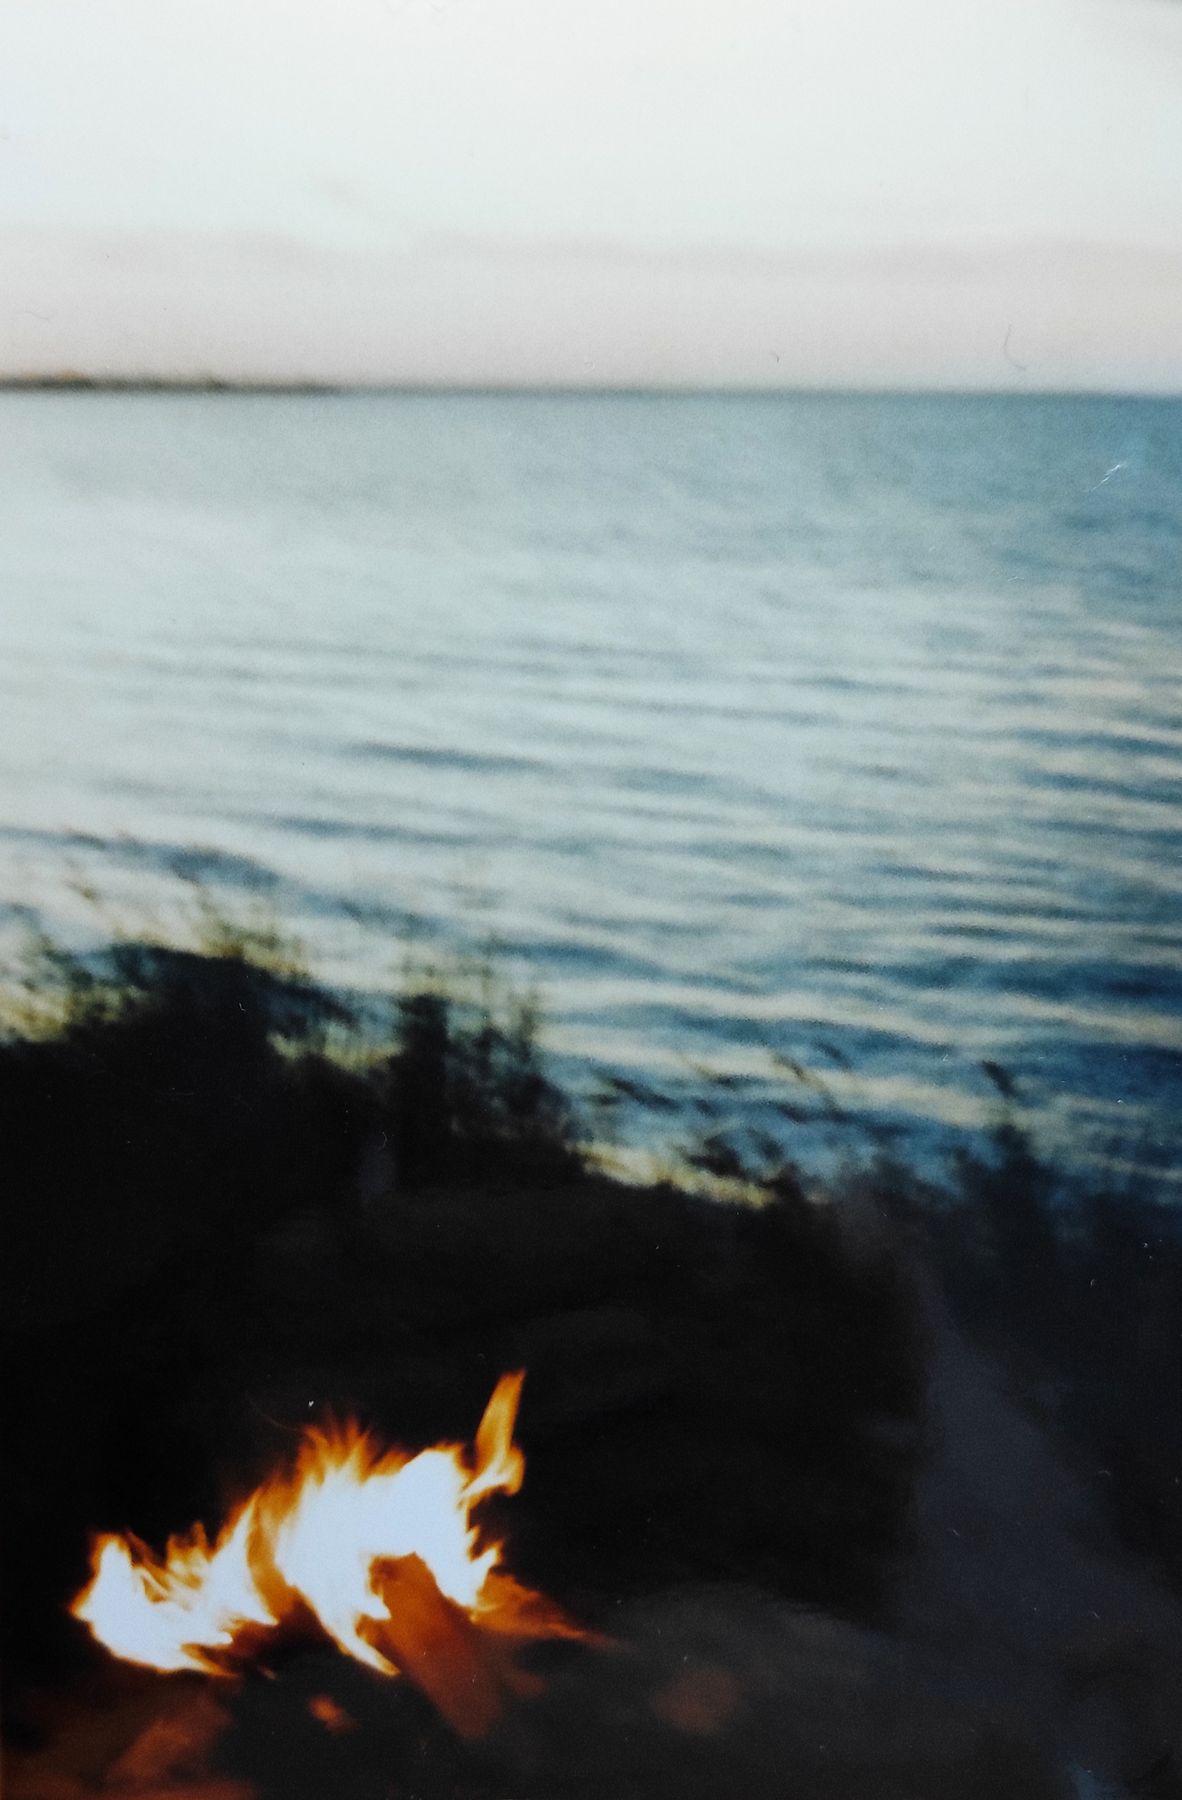 Костёр Плёнка костёр море Днепр река природа пейзаж